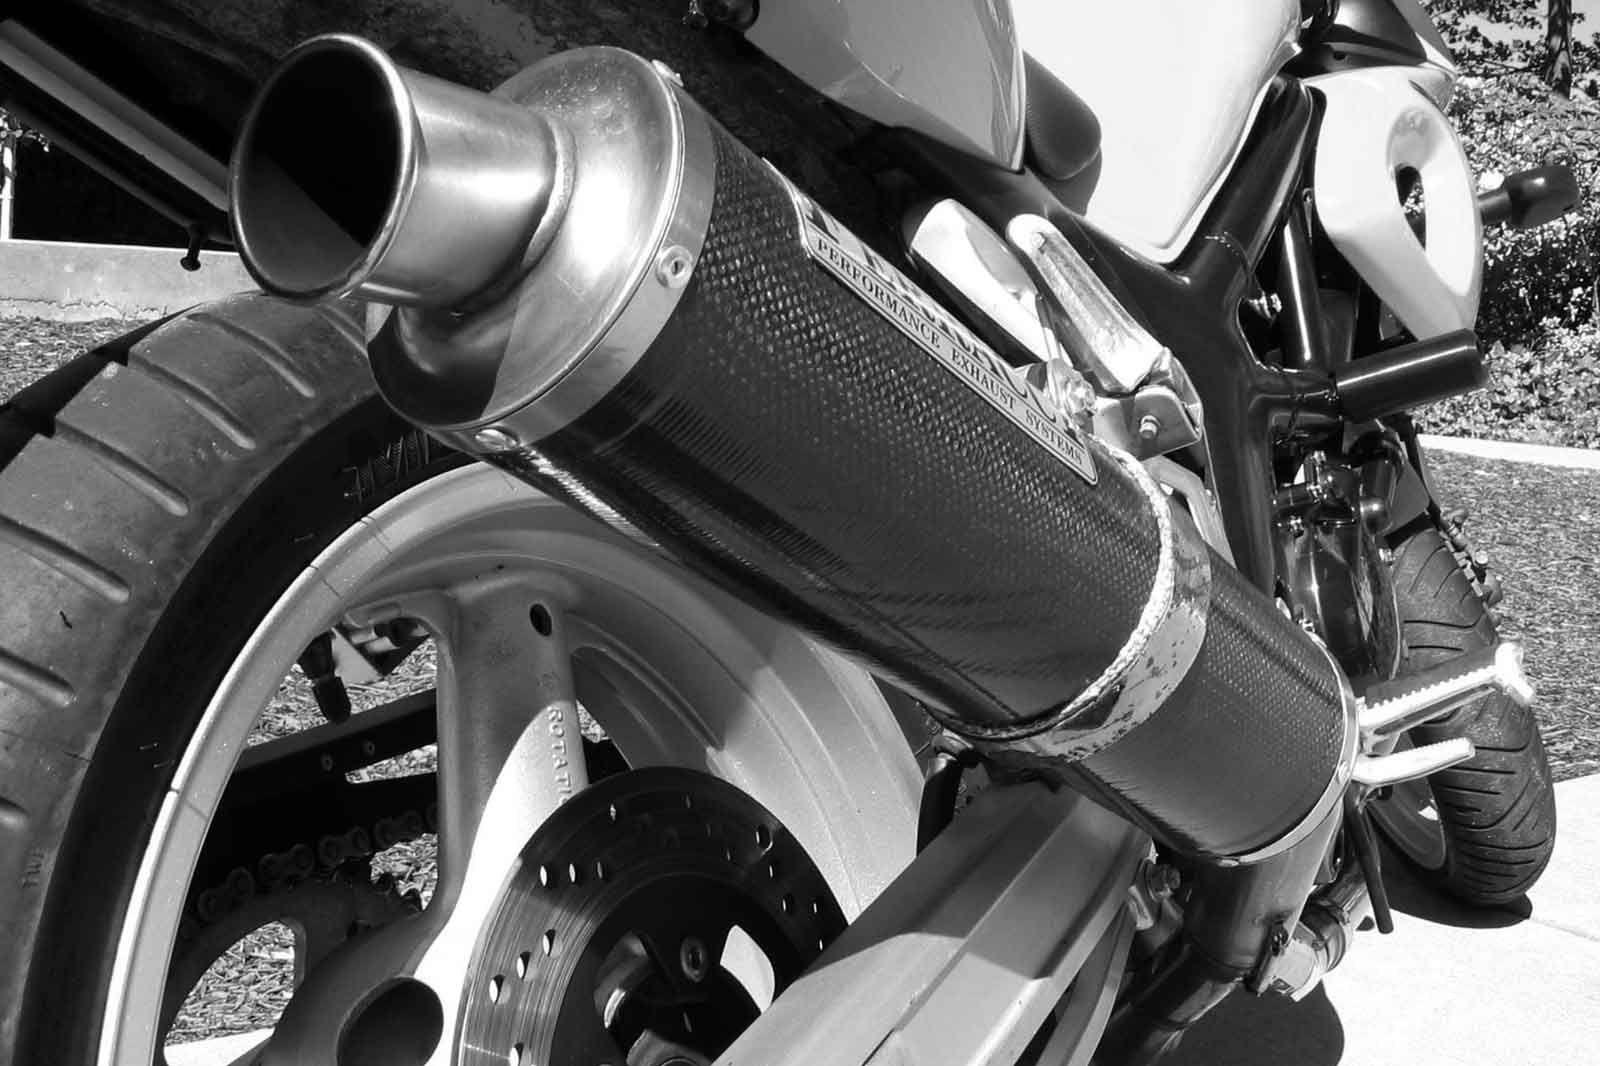 Cambio de filtros y aceite para motos: Servicios de MV Racing